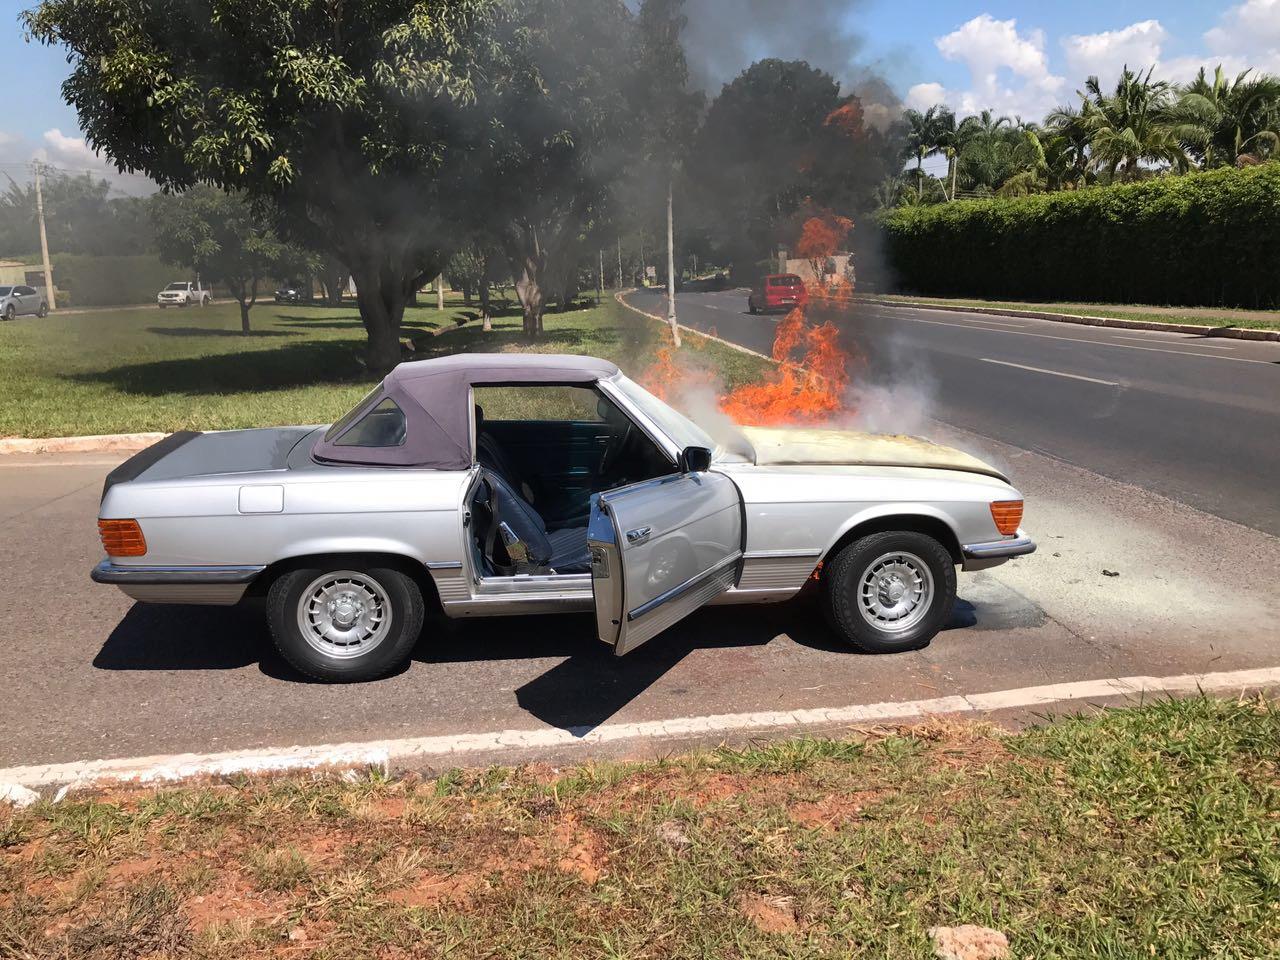 SL pega fogo em Brasilia Ezik36